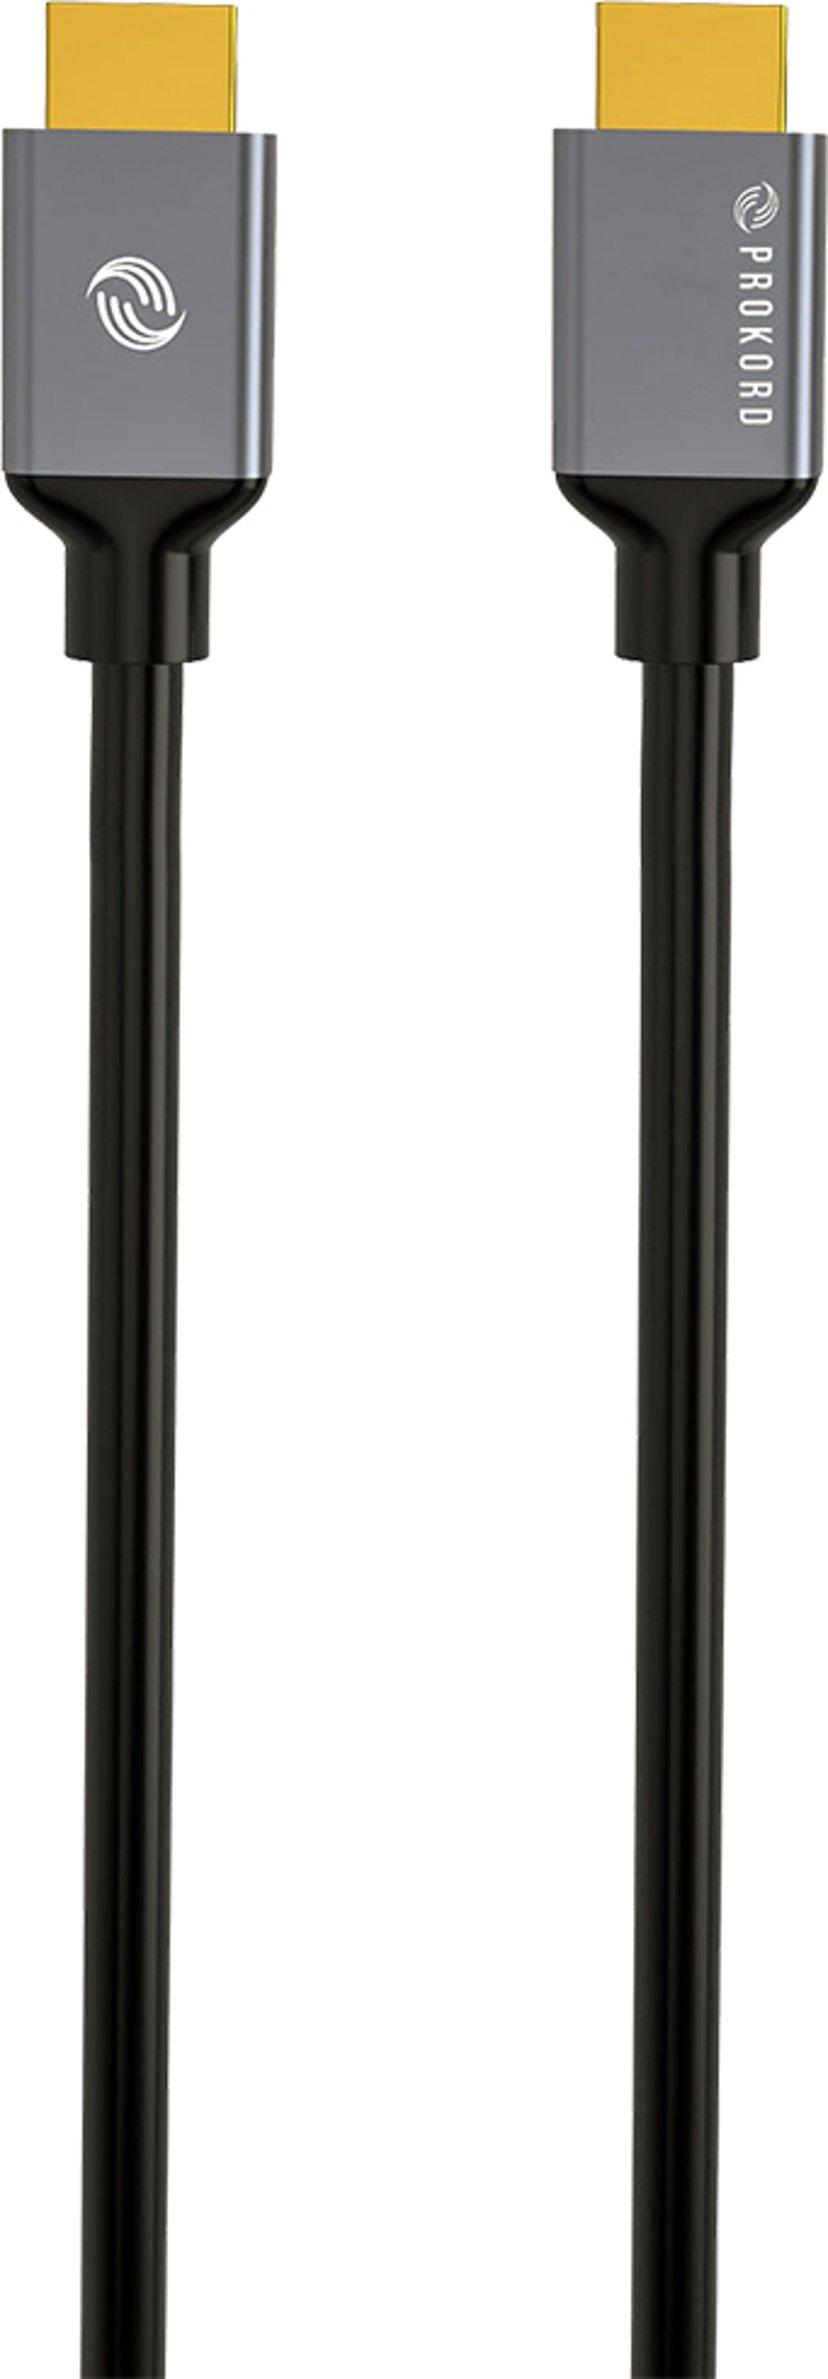 Prokord Black HDMI 2.0 0.5m 0.5m HDMI Hann HDMI Hann